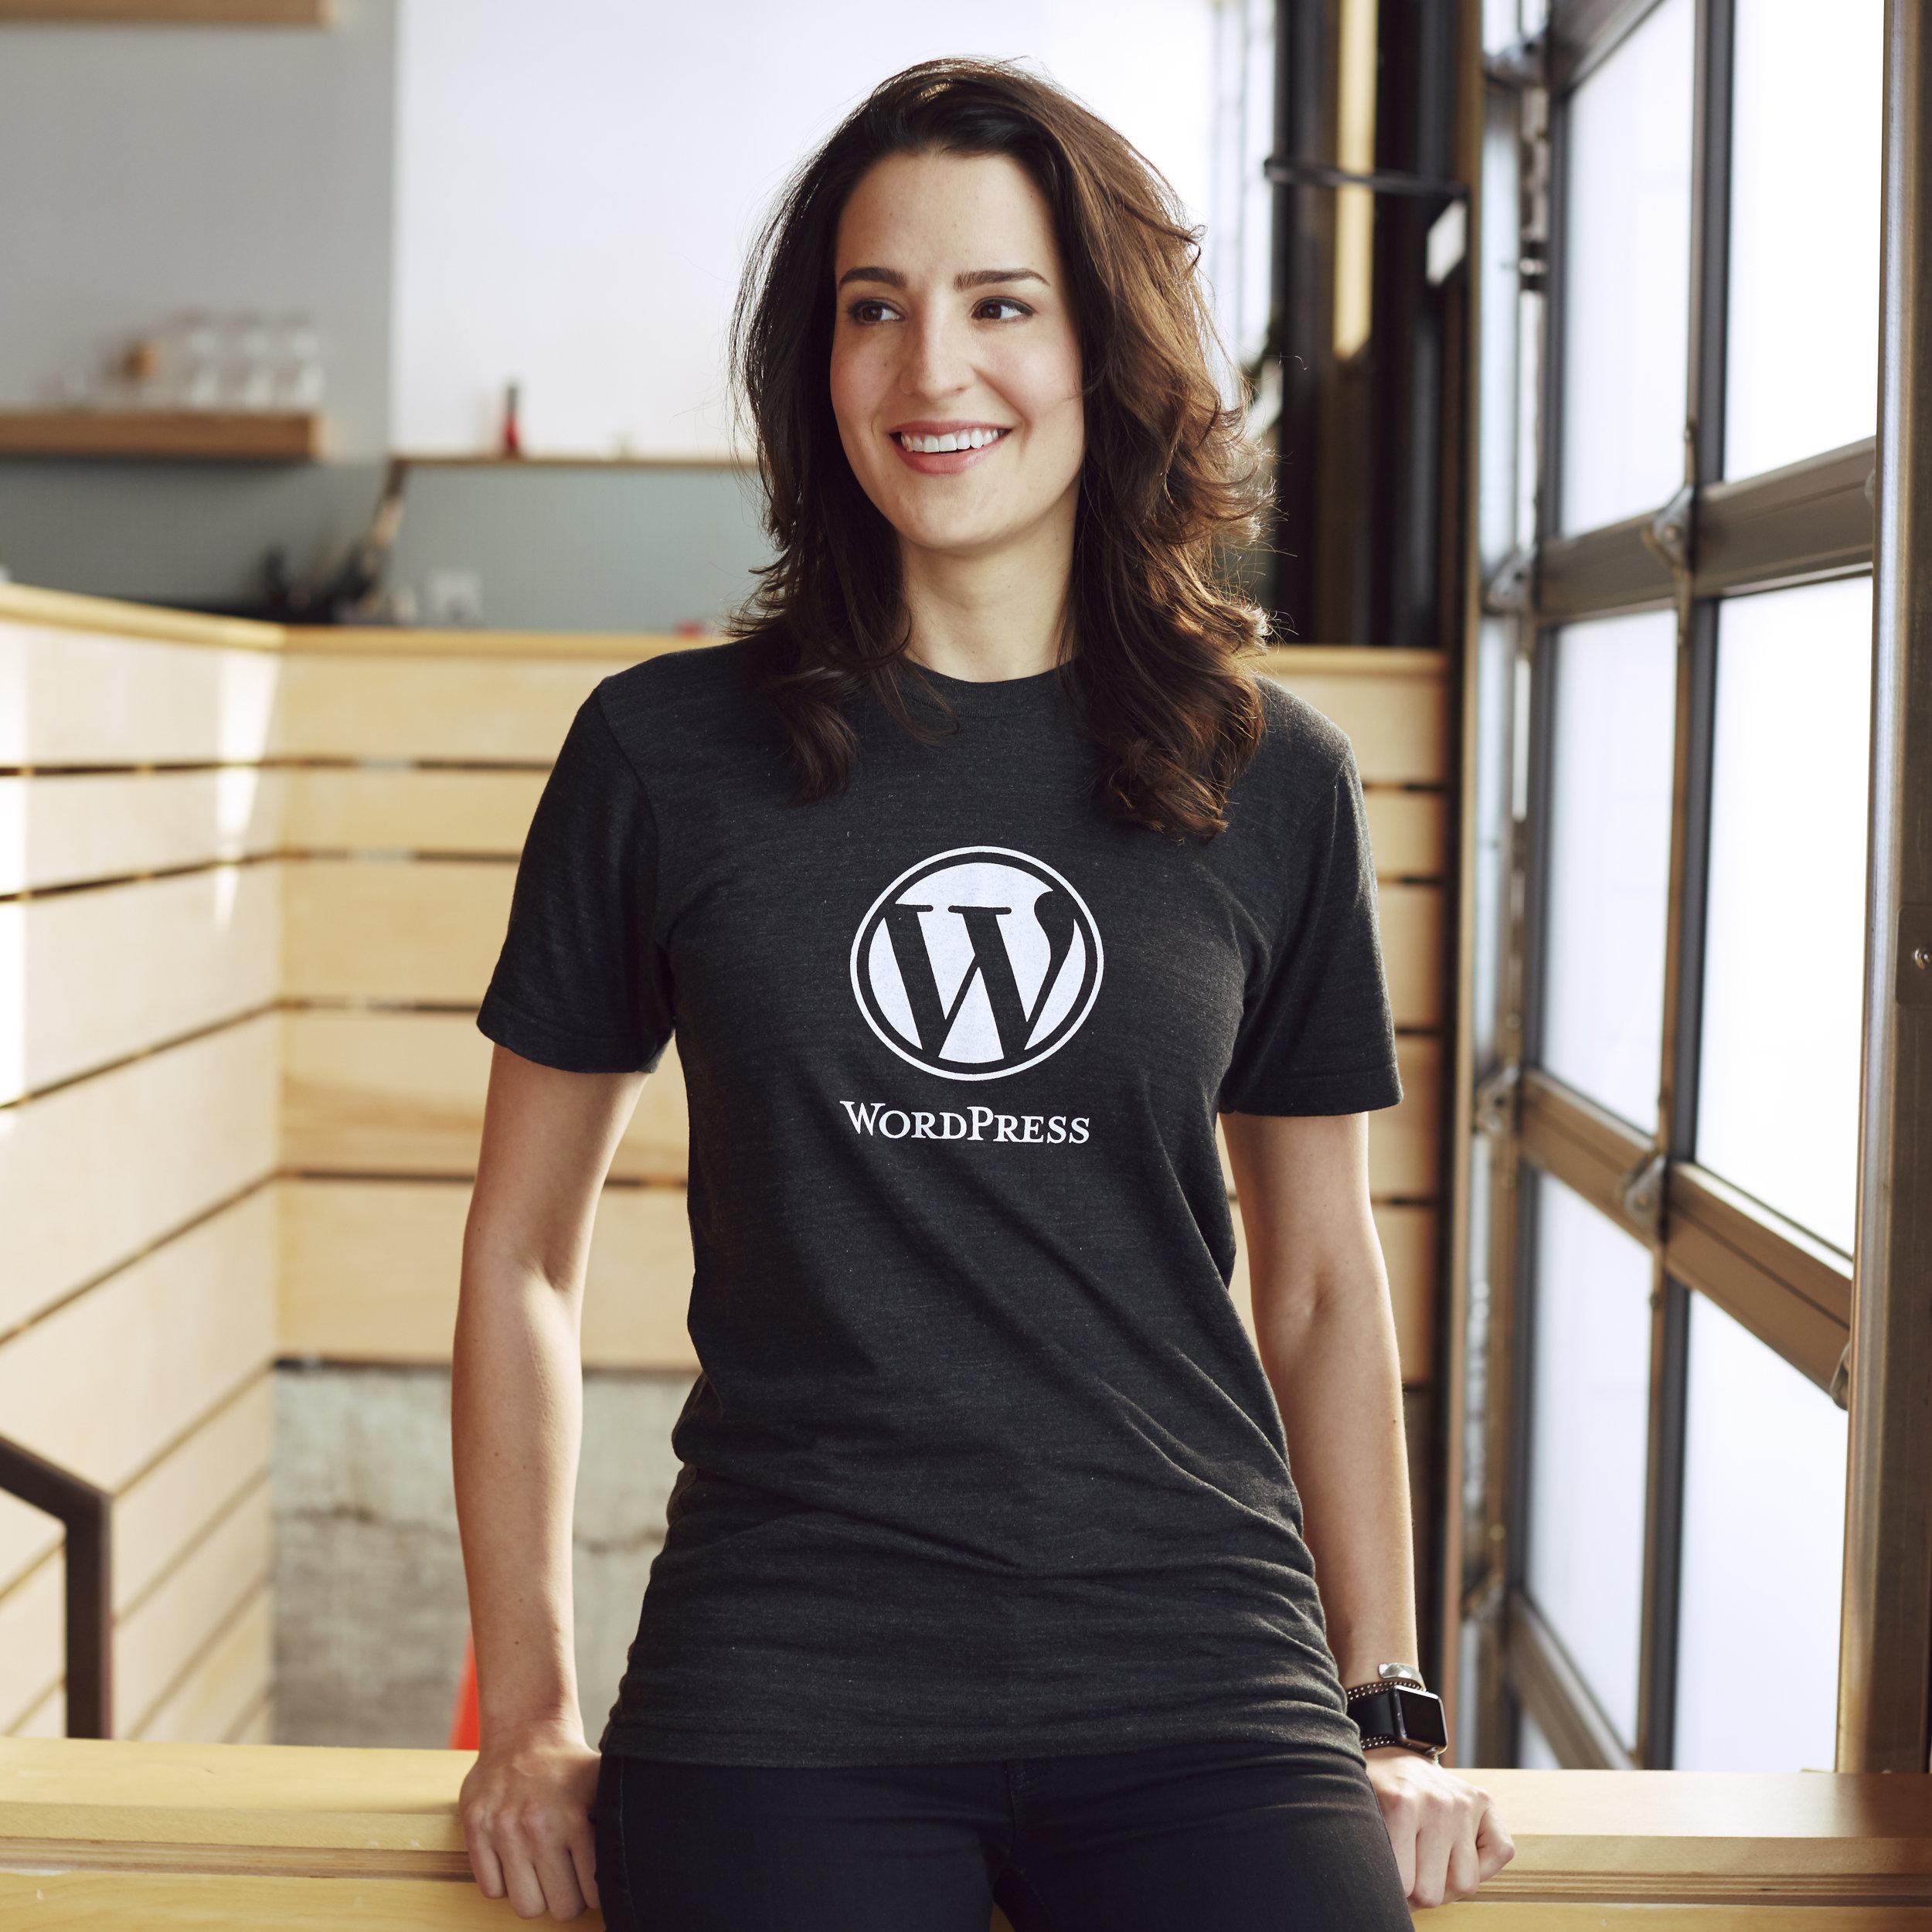 Wordpress - 2016.04.27 - Store Shoot - 14167.jpg